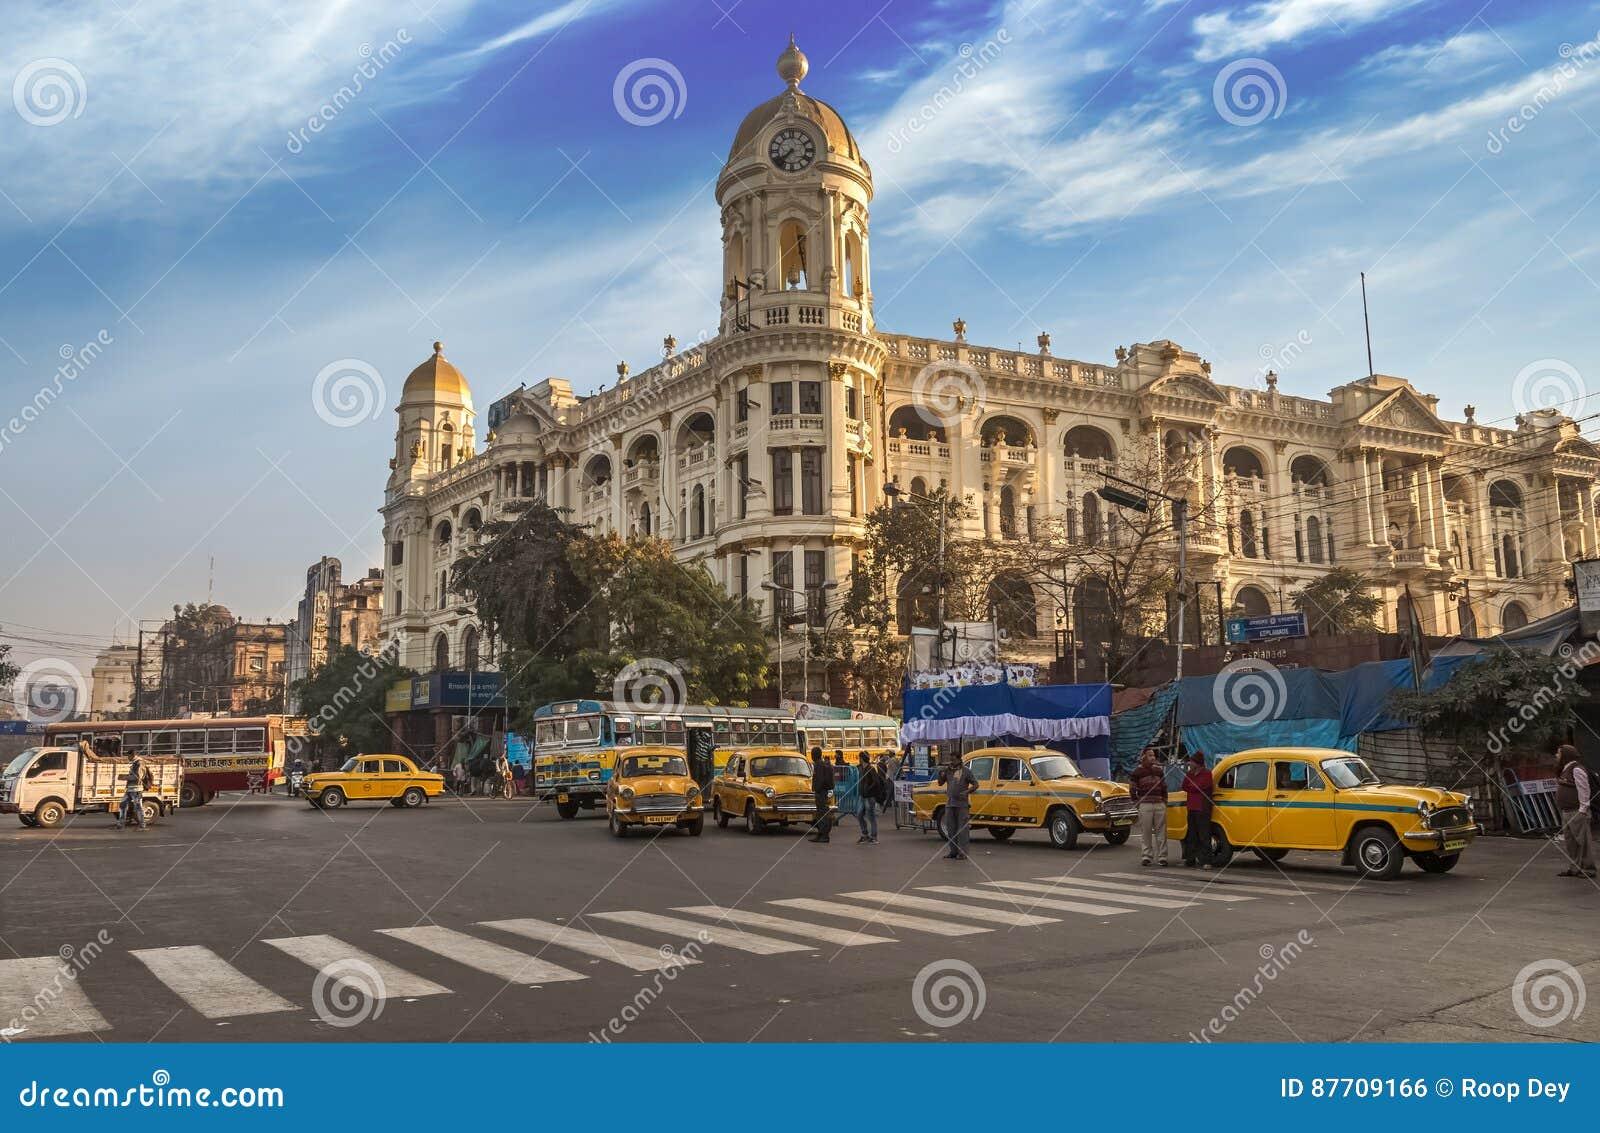 Point de repère indien célèbre Chowringhee Dharamtala de route urbaine croisant Kolkata avec le bâtiment colonial métropolitain d